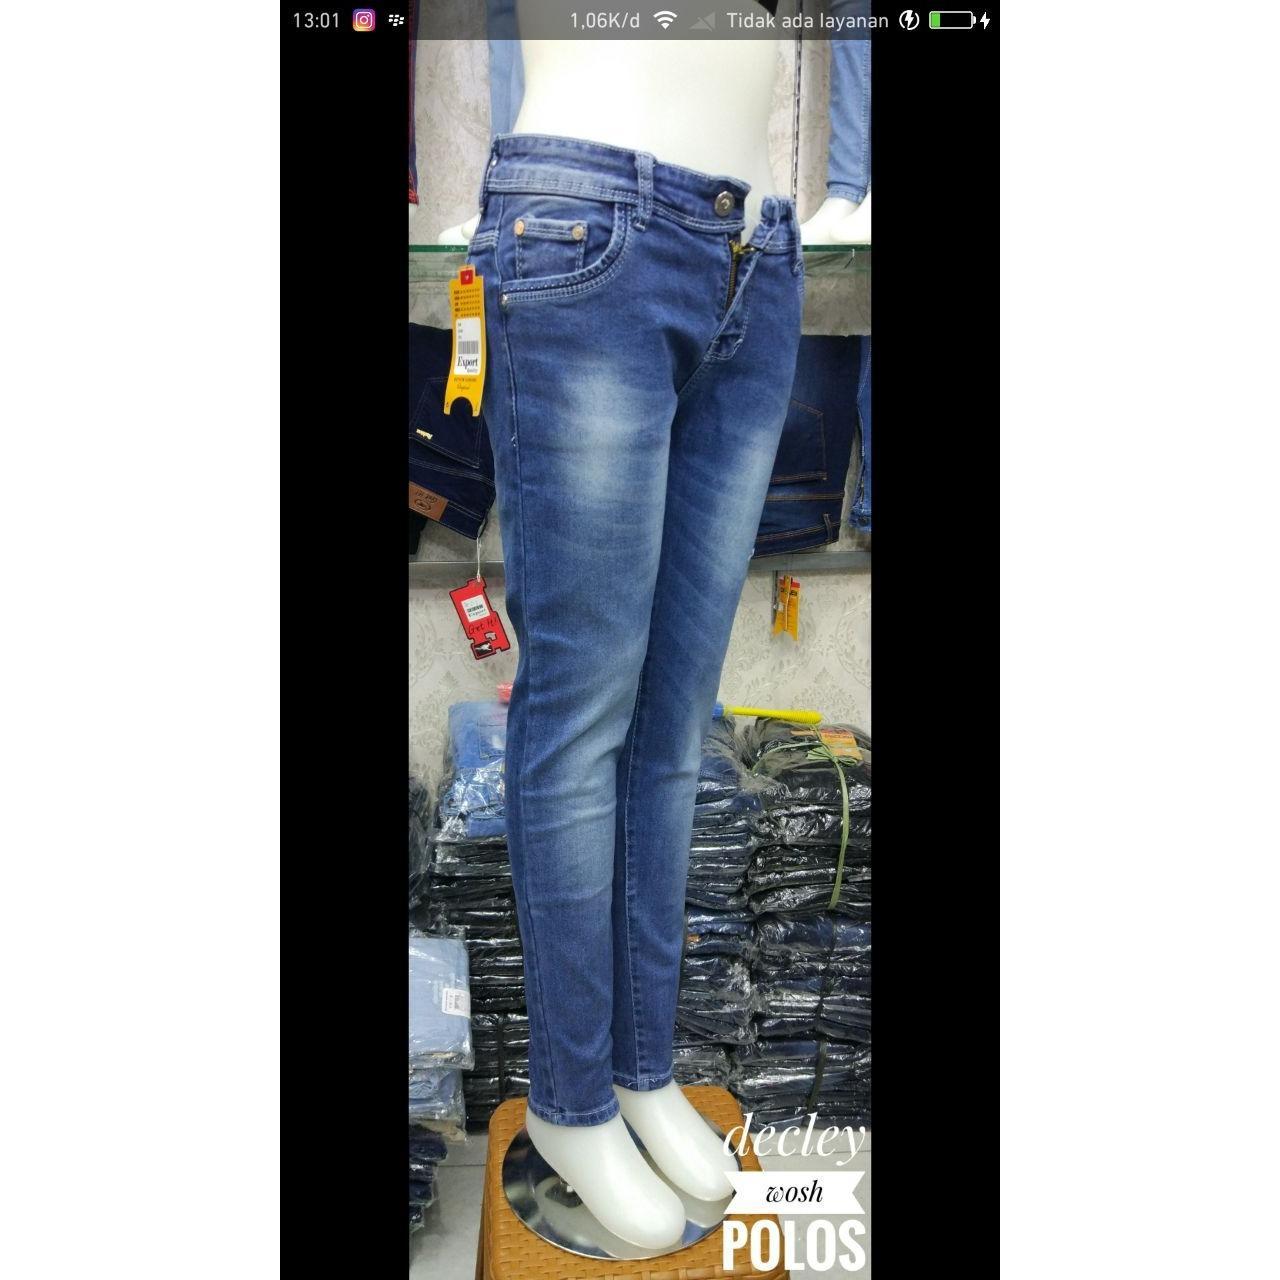 Koleksi Harga Baju Muslim Modern Bawahan Celana November 2018 Murah Cewek Polos Original Declay Wash Jeans Casual Soft Super Stretch Simple Wanita